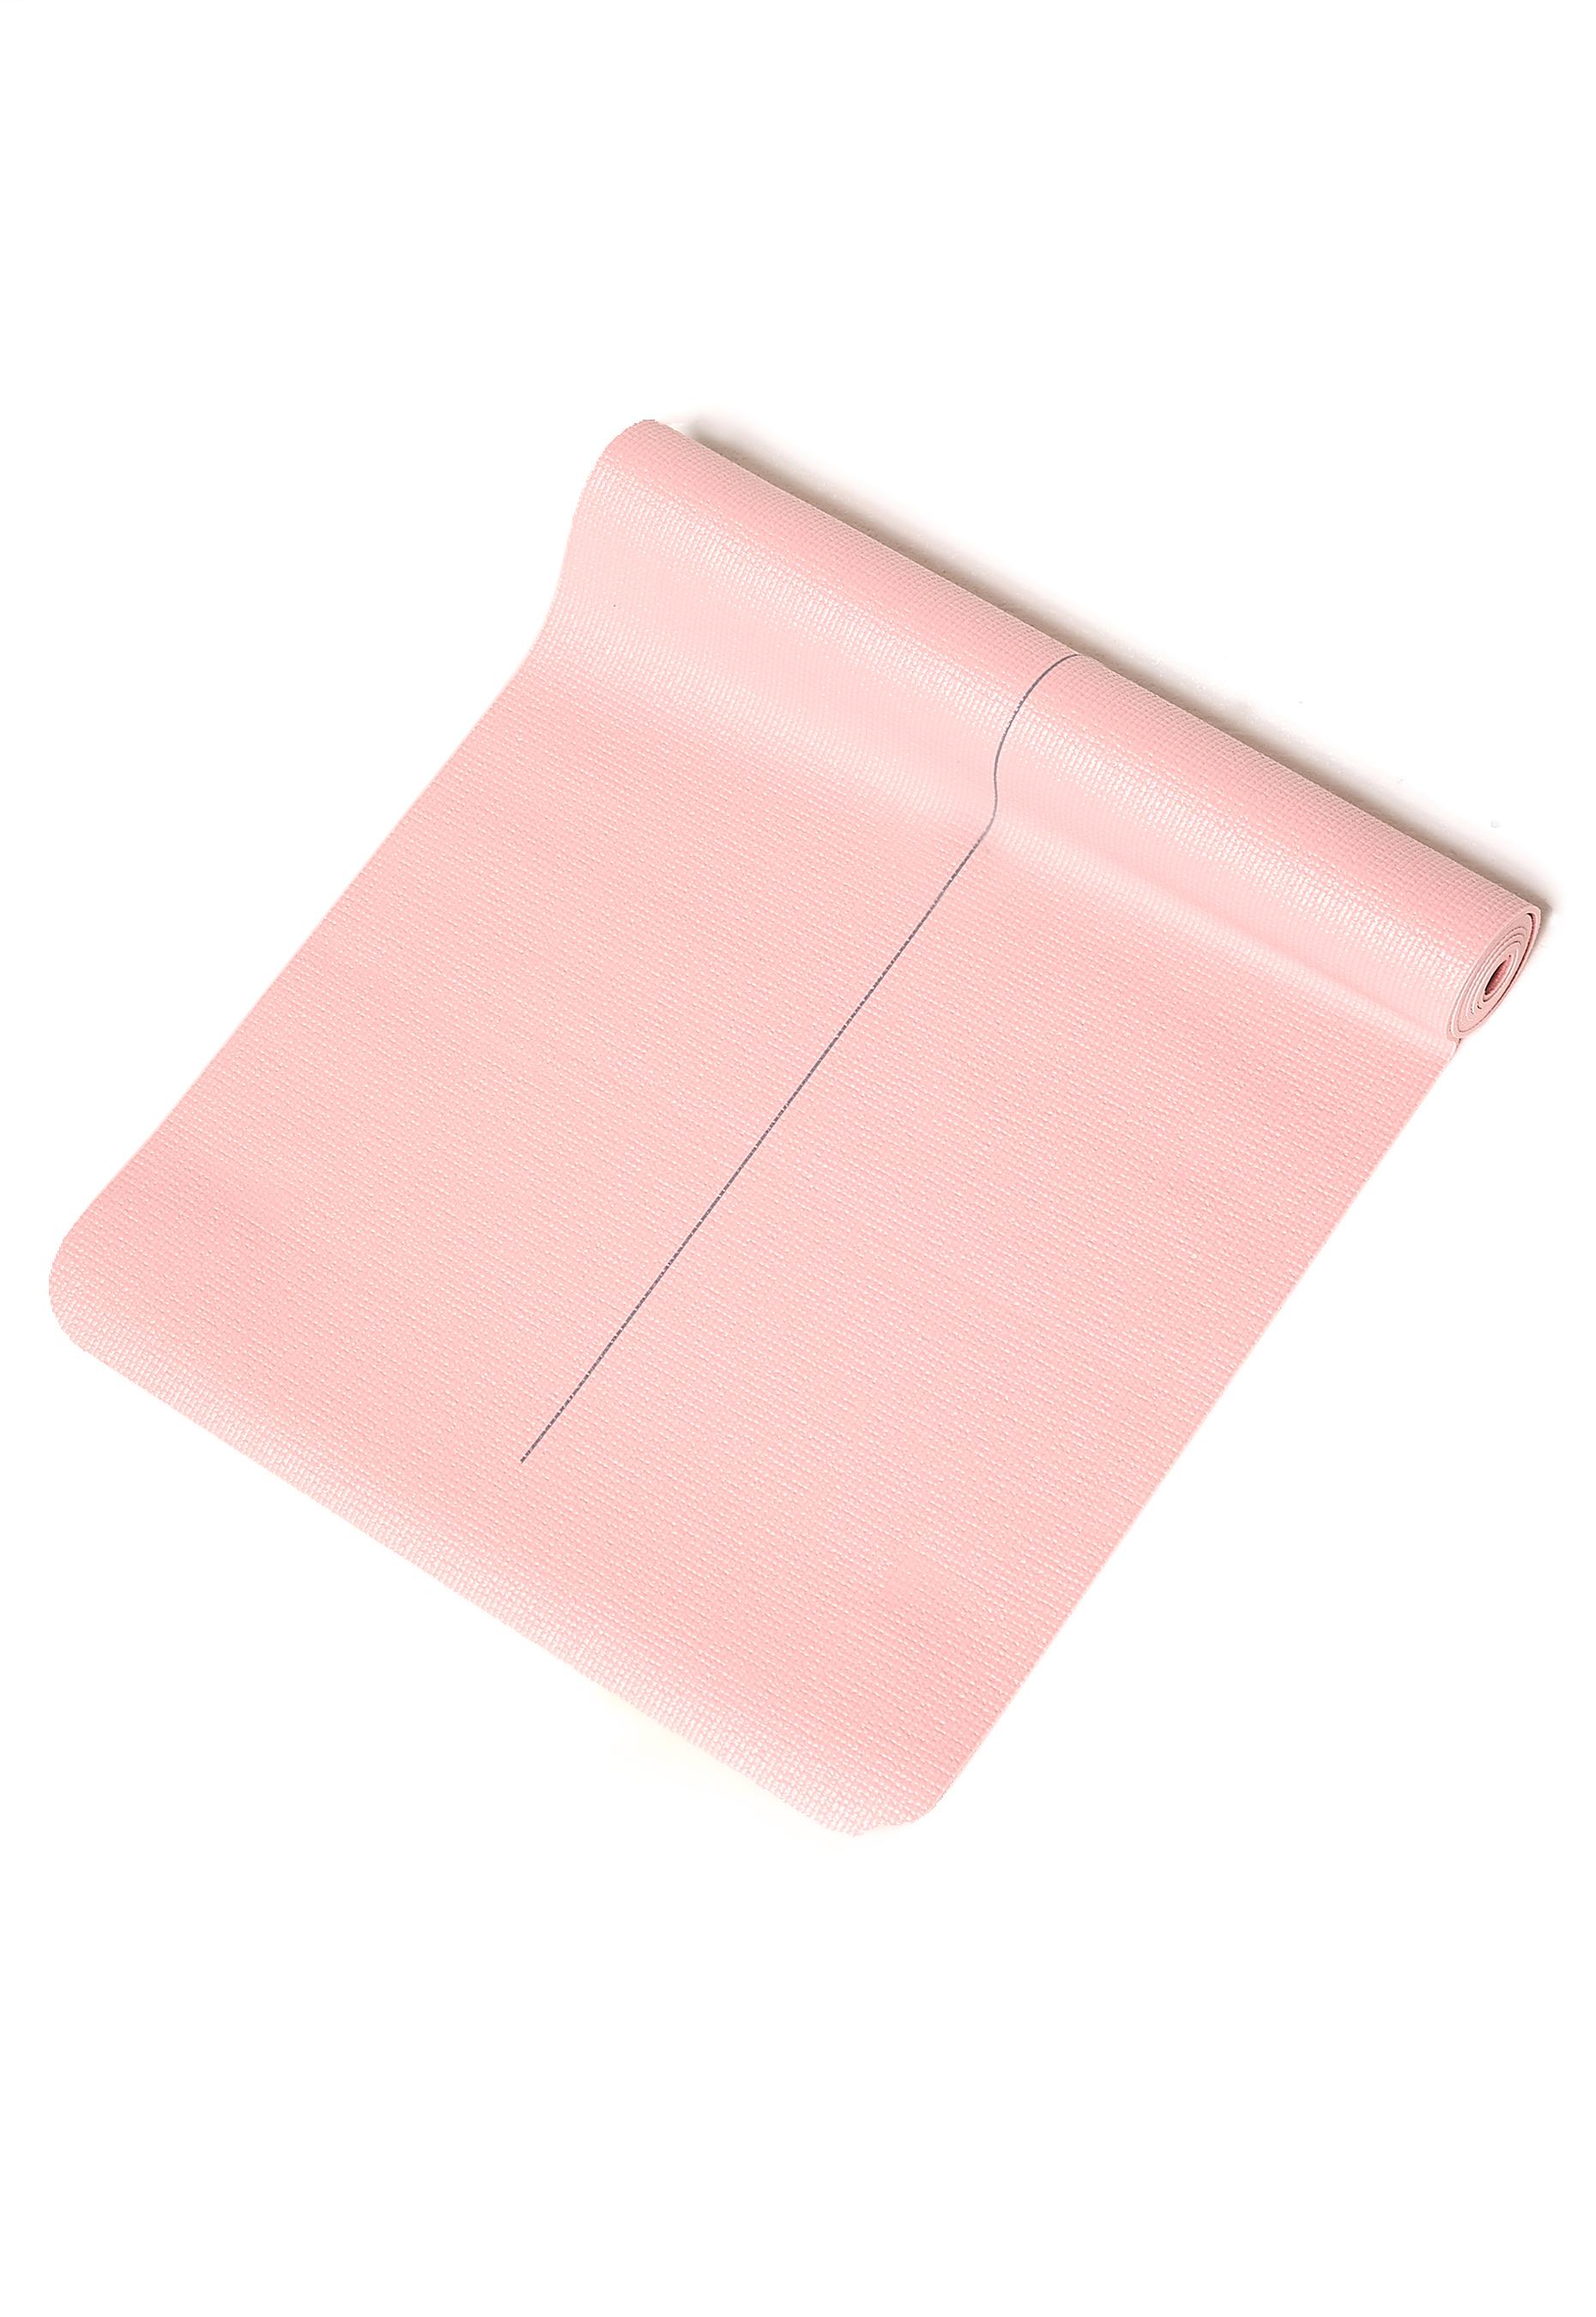 hela samlingen ankommer nya specialerbjudanden Casall Yoga Mat Balance 3mm Free 306 Lucky Pink - Bubbleroom